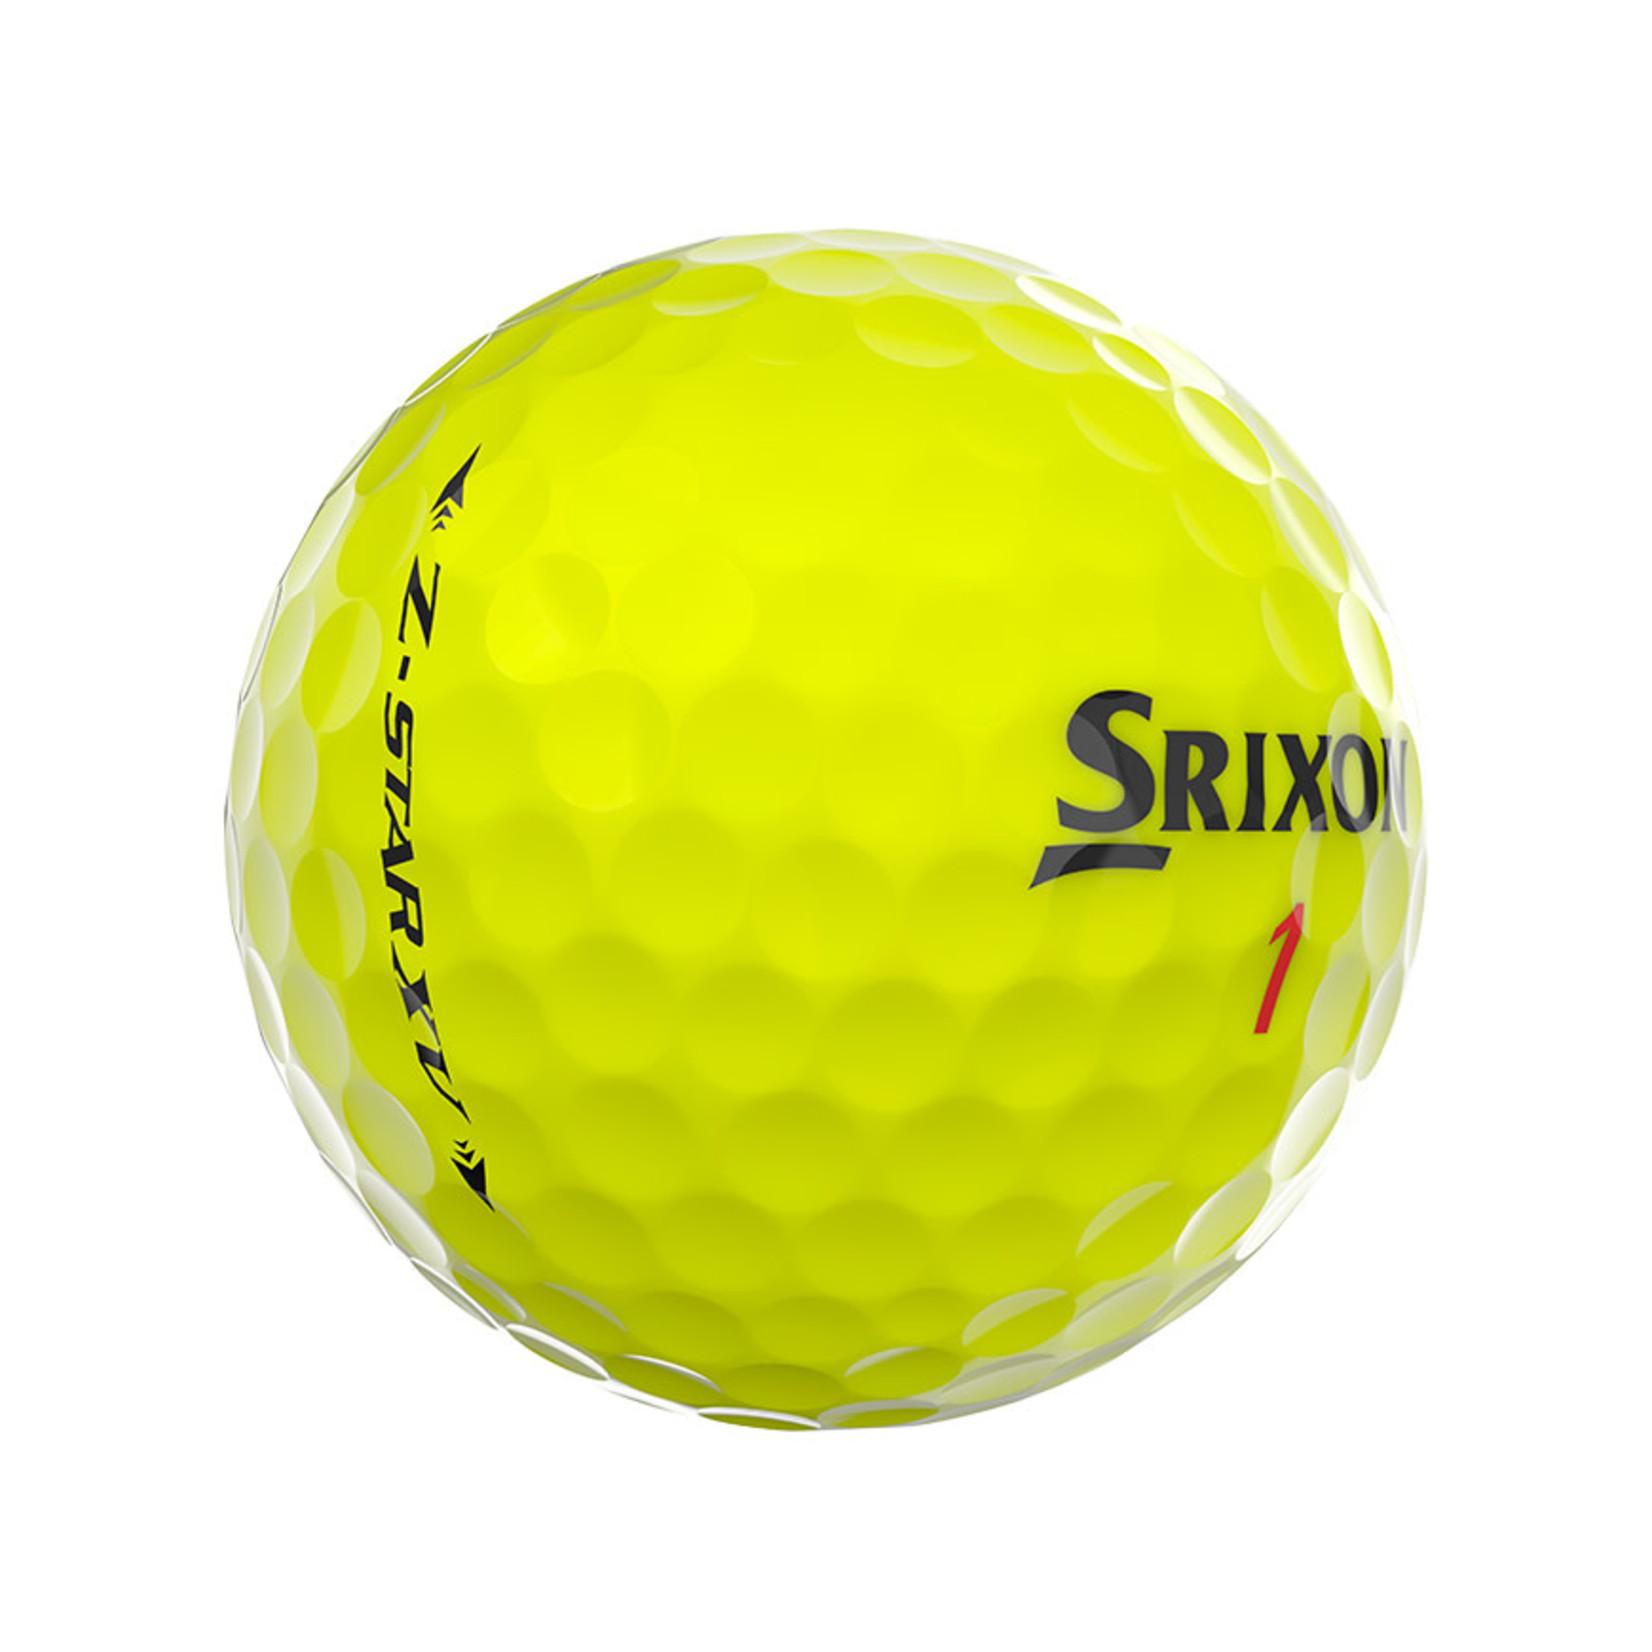 Srixon Srixon Zstar XV Yellow